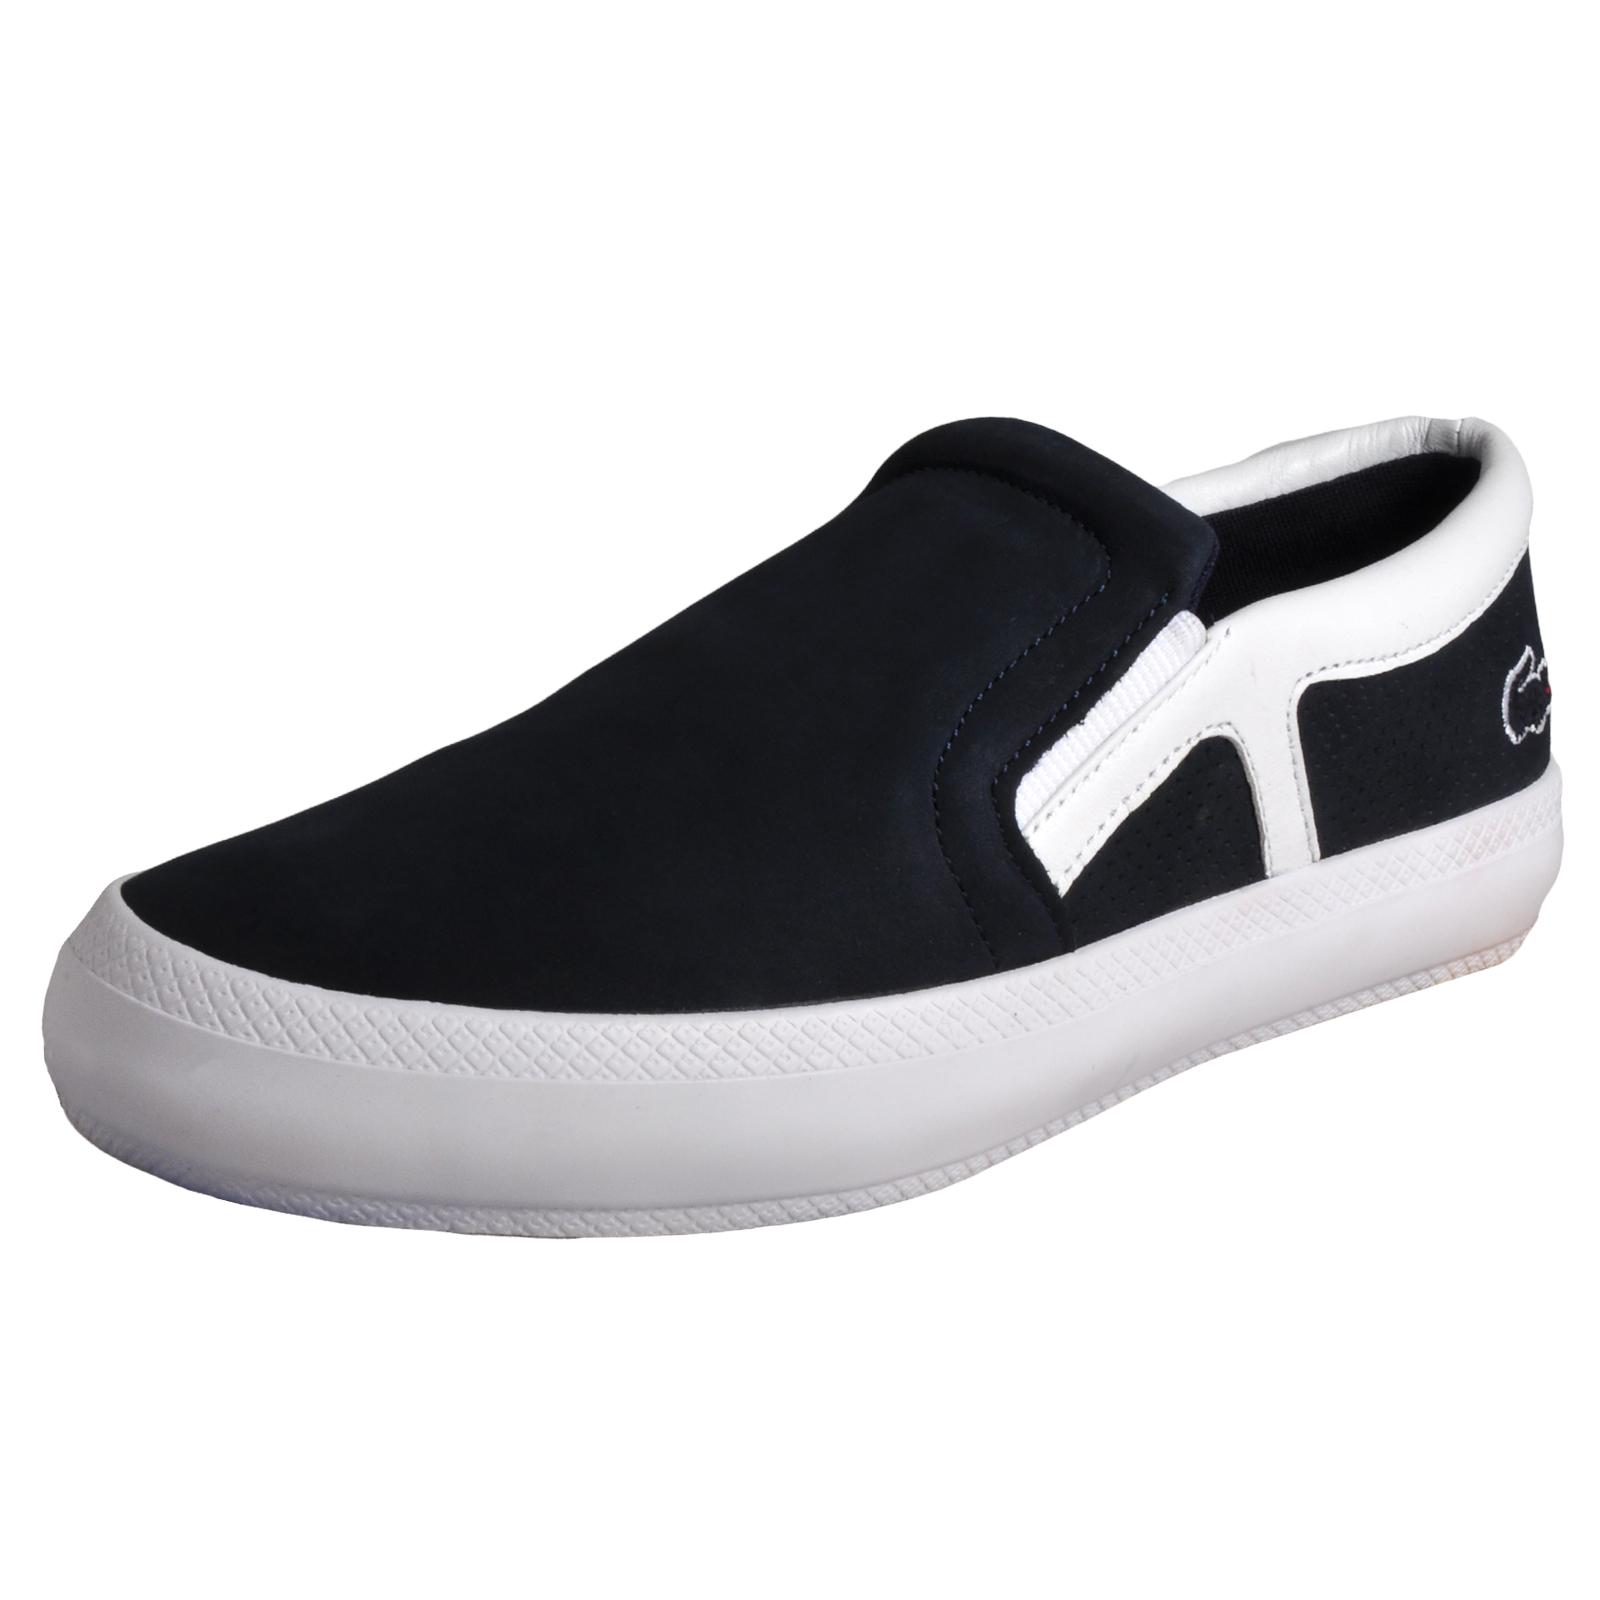 Lacoste Rene Chunky 116 Womens Designer Slip-On Deck Shoes Navy